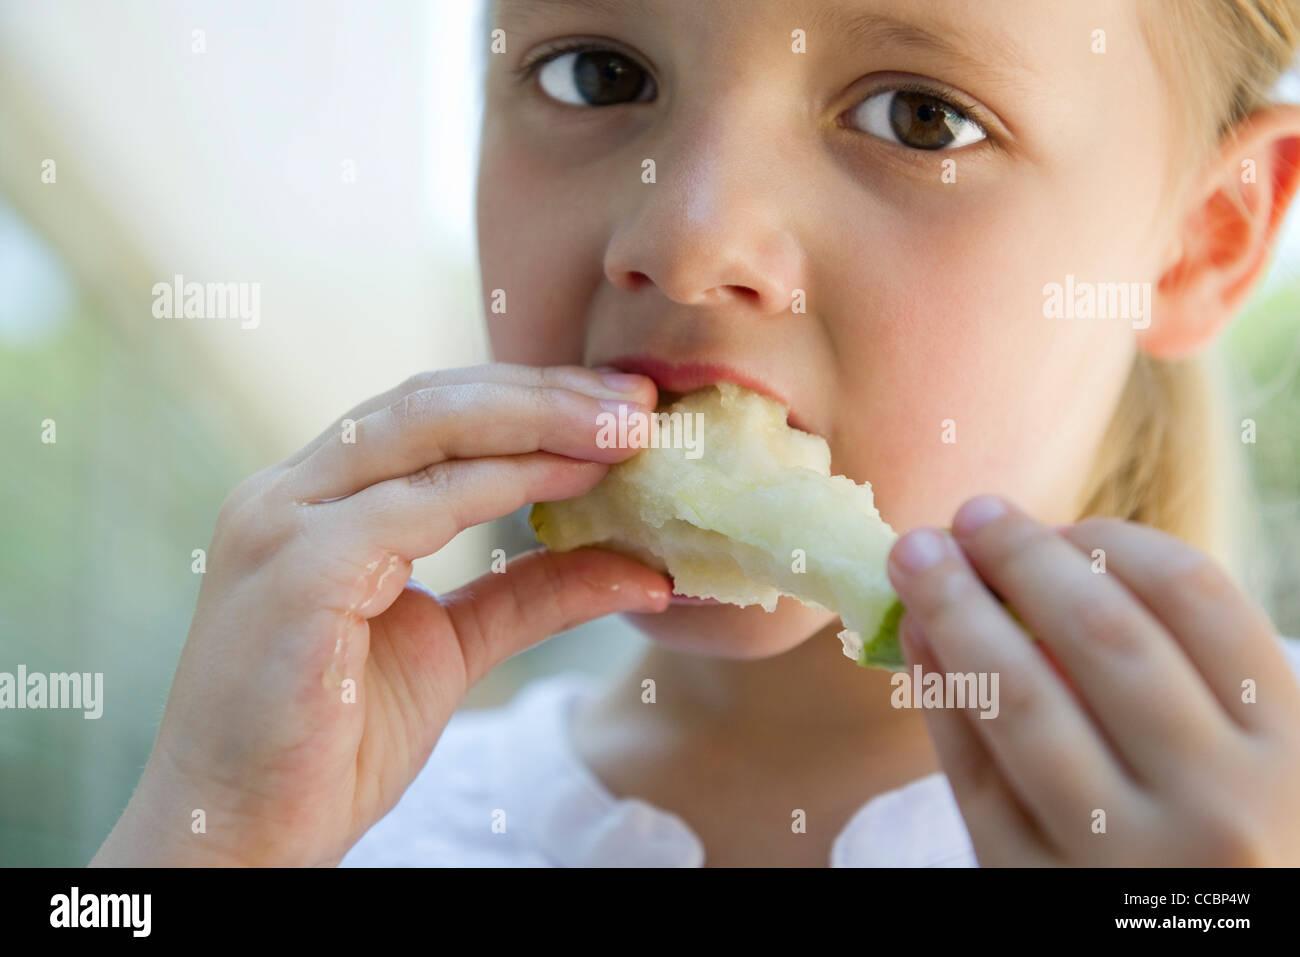 Little girl eatiing apple - Stock Image